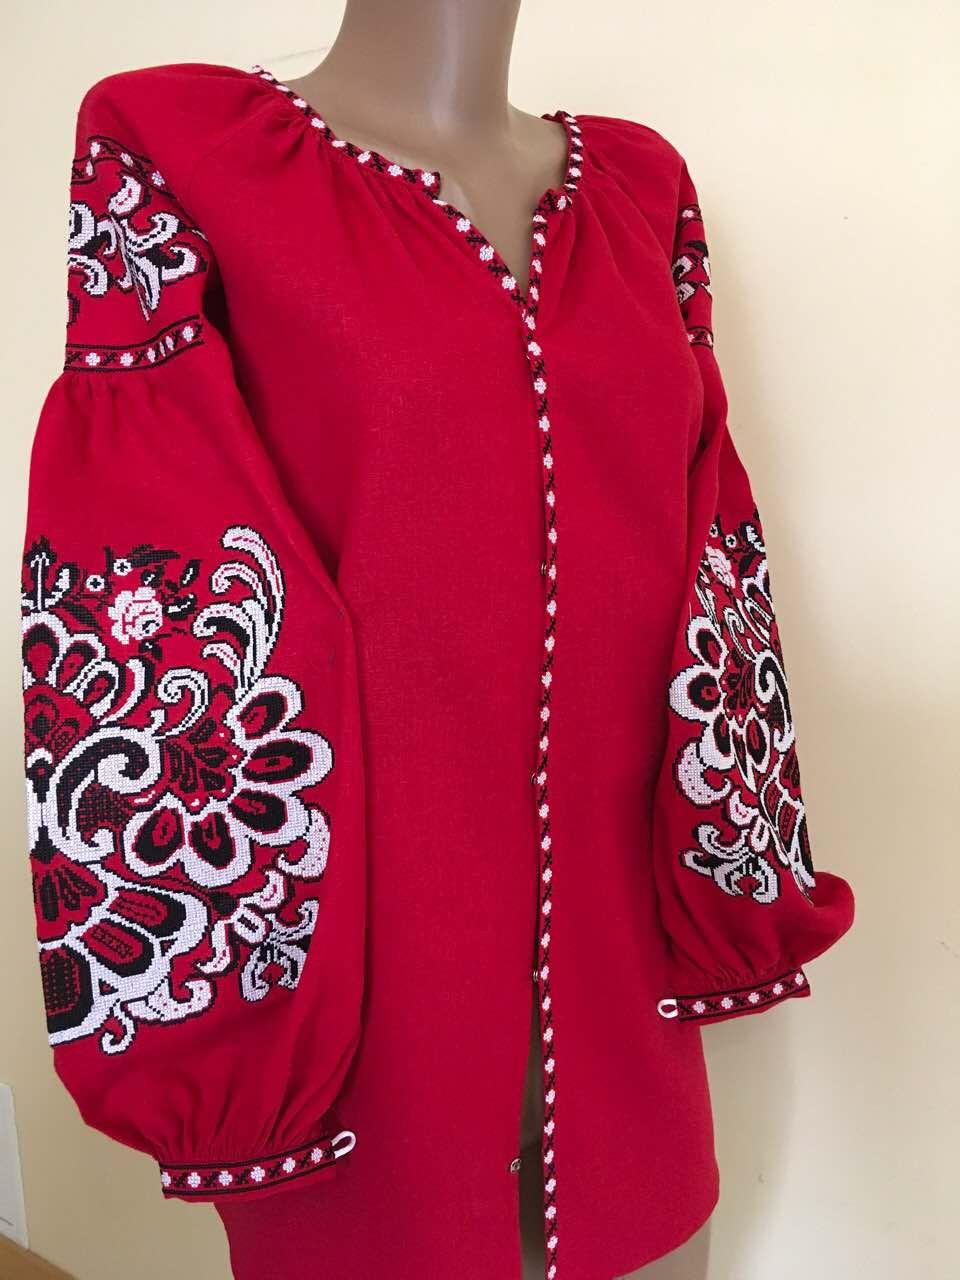 Червона вишита сорочка на льоні в стилі Бохо - Скарбниця Карпат- інтернет  магазин виробів ручної 168dded145dcd